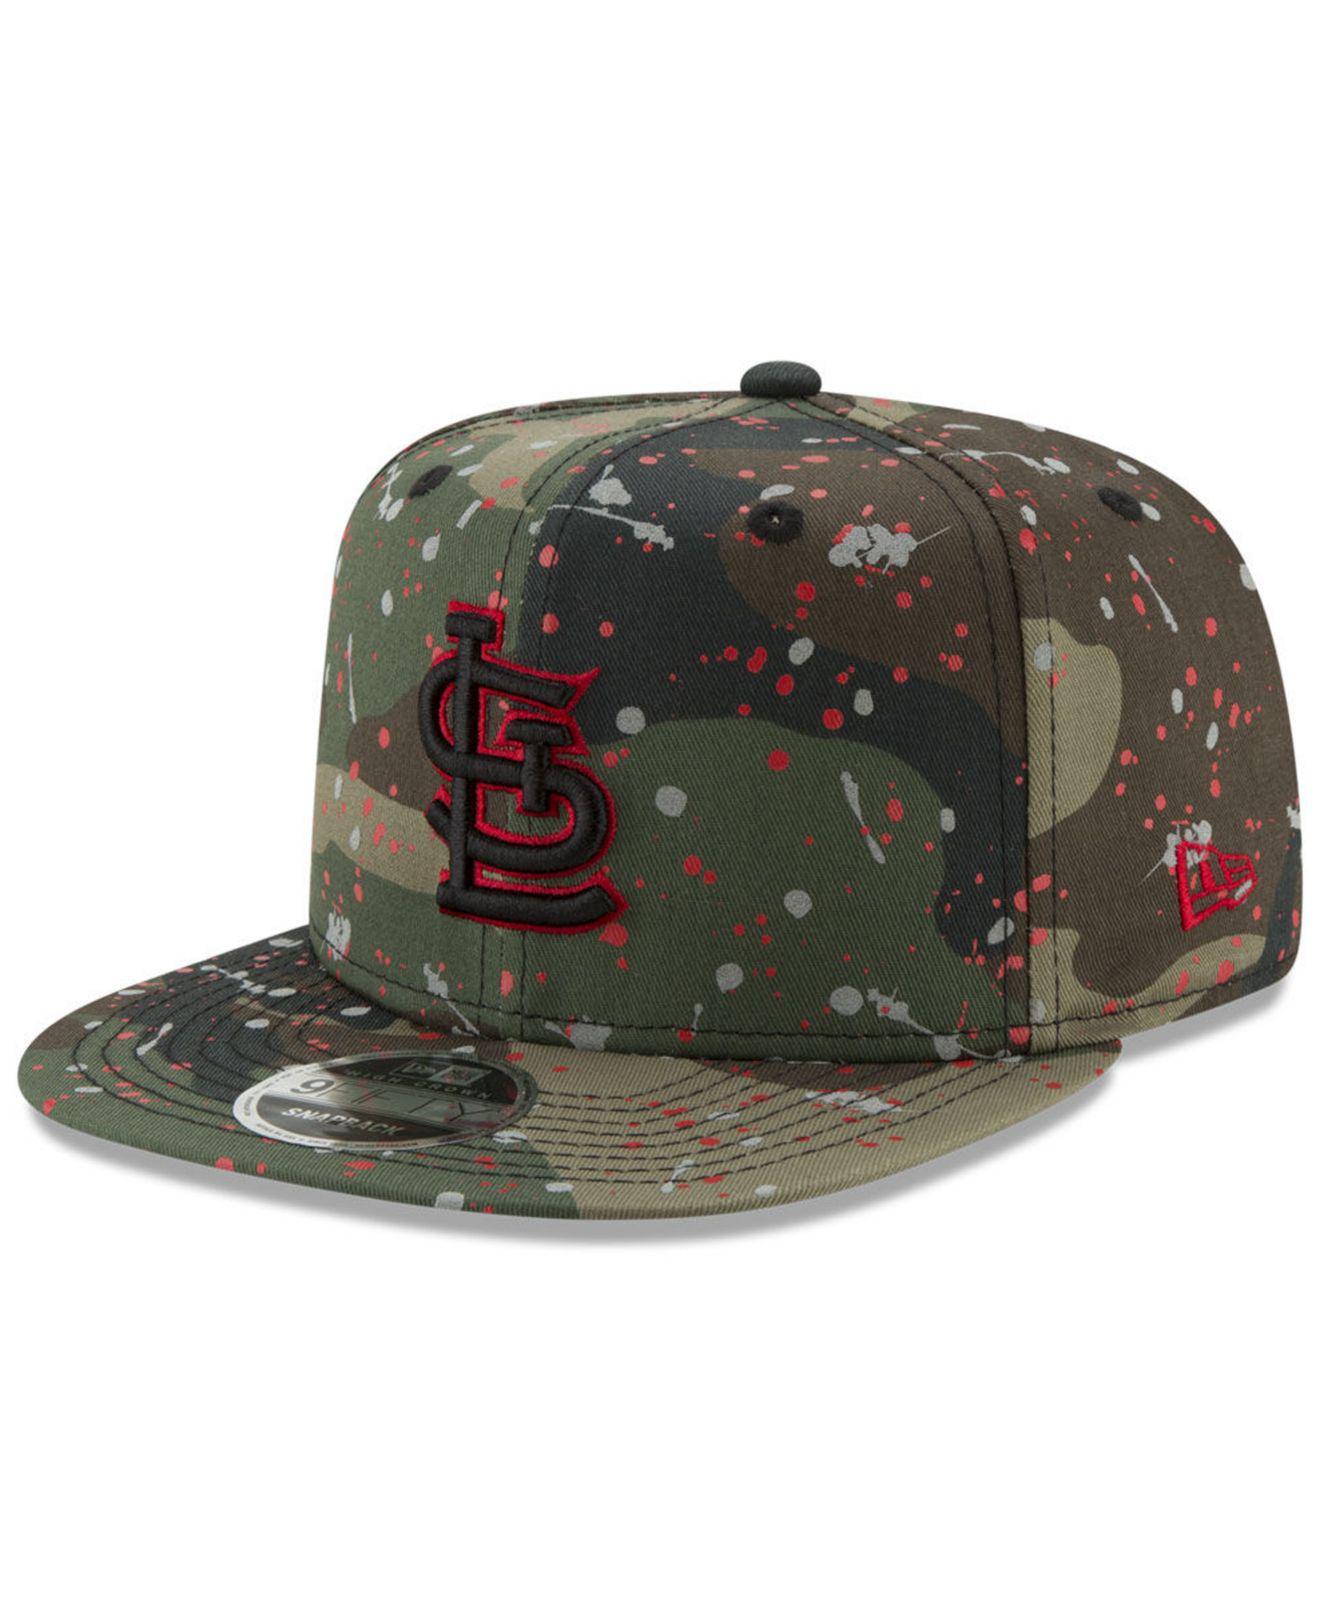 Lyst - Ktz St. Louis Cardinals Camo Spec 9fifty Snapback Cap in ... 062f1d9661a2